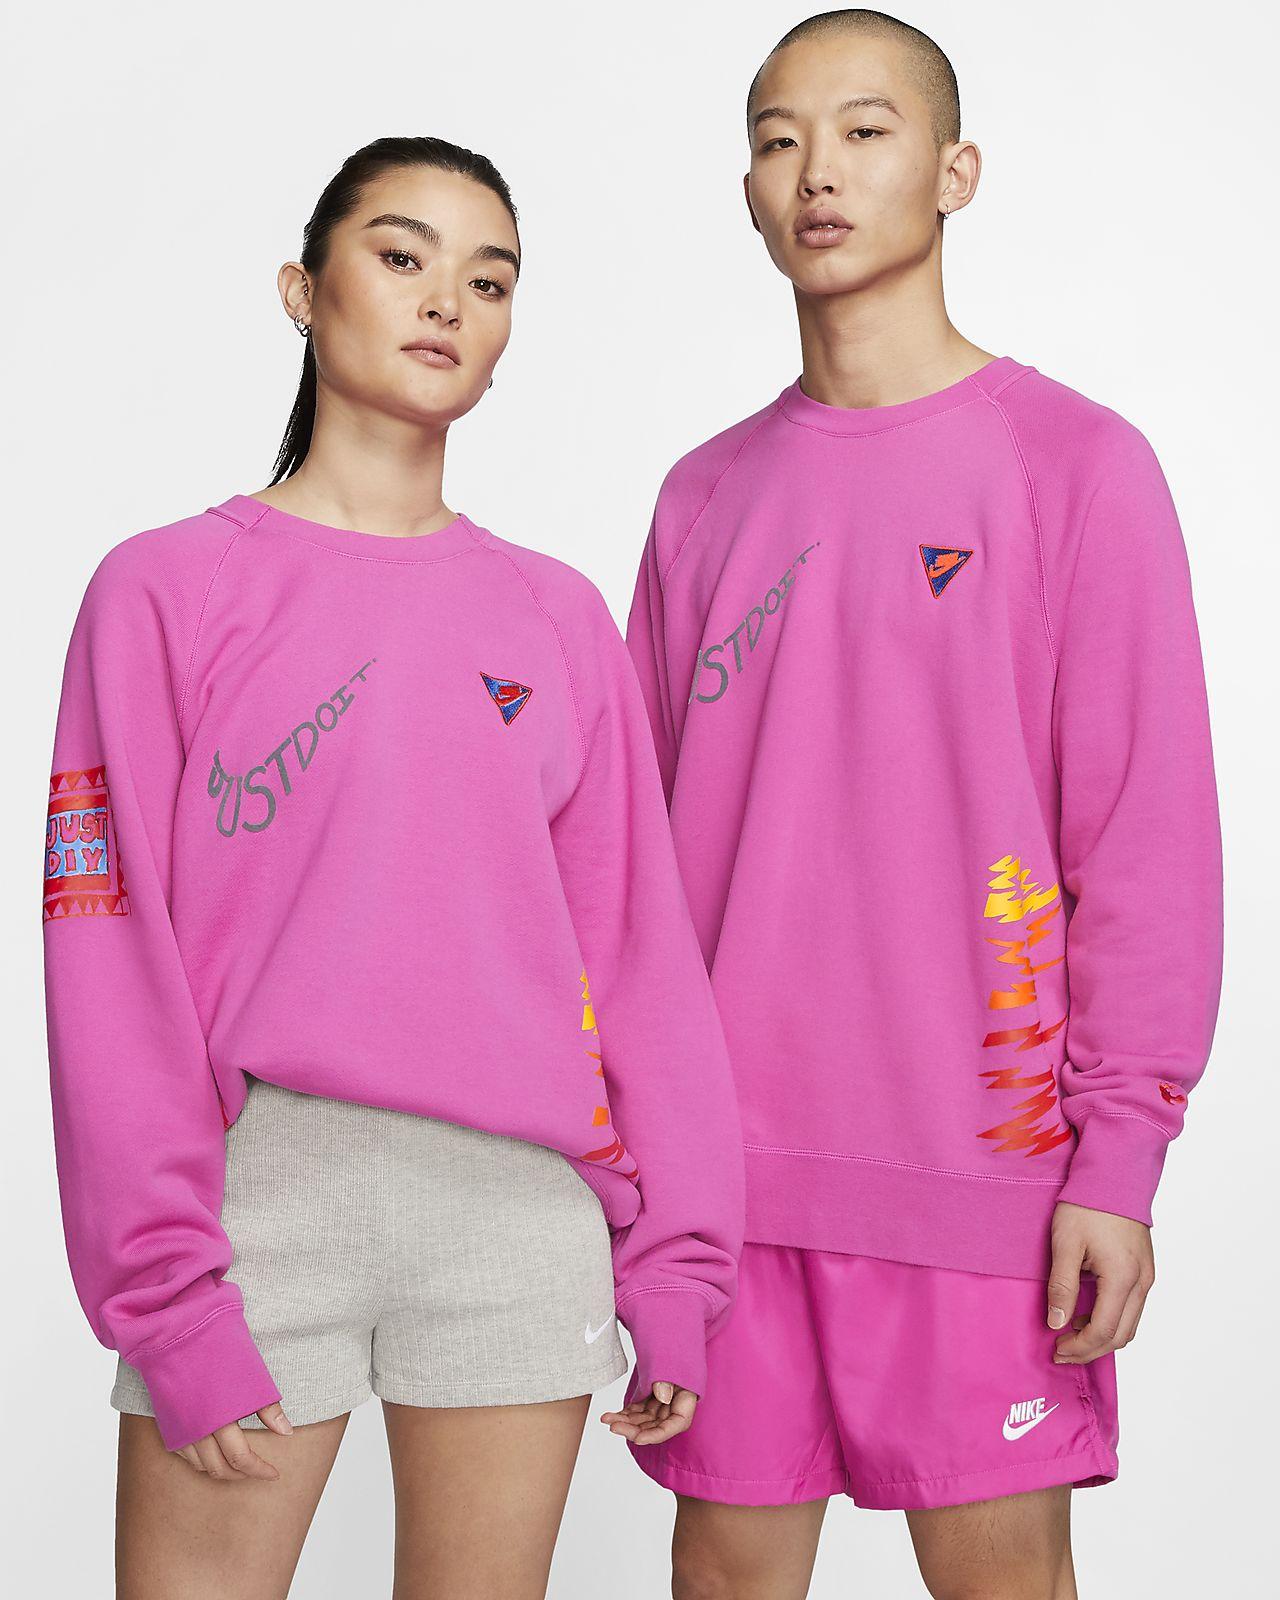 Nike Sportswear NSW 男子圆领上衣